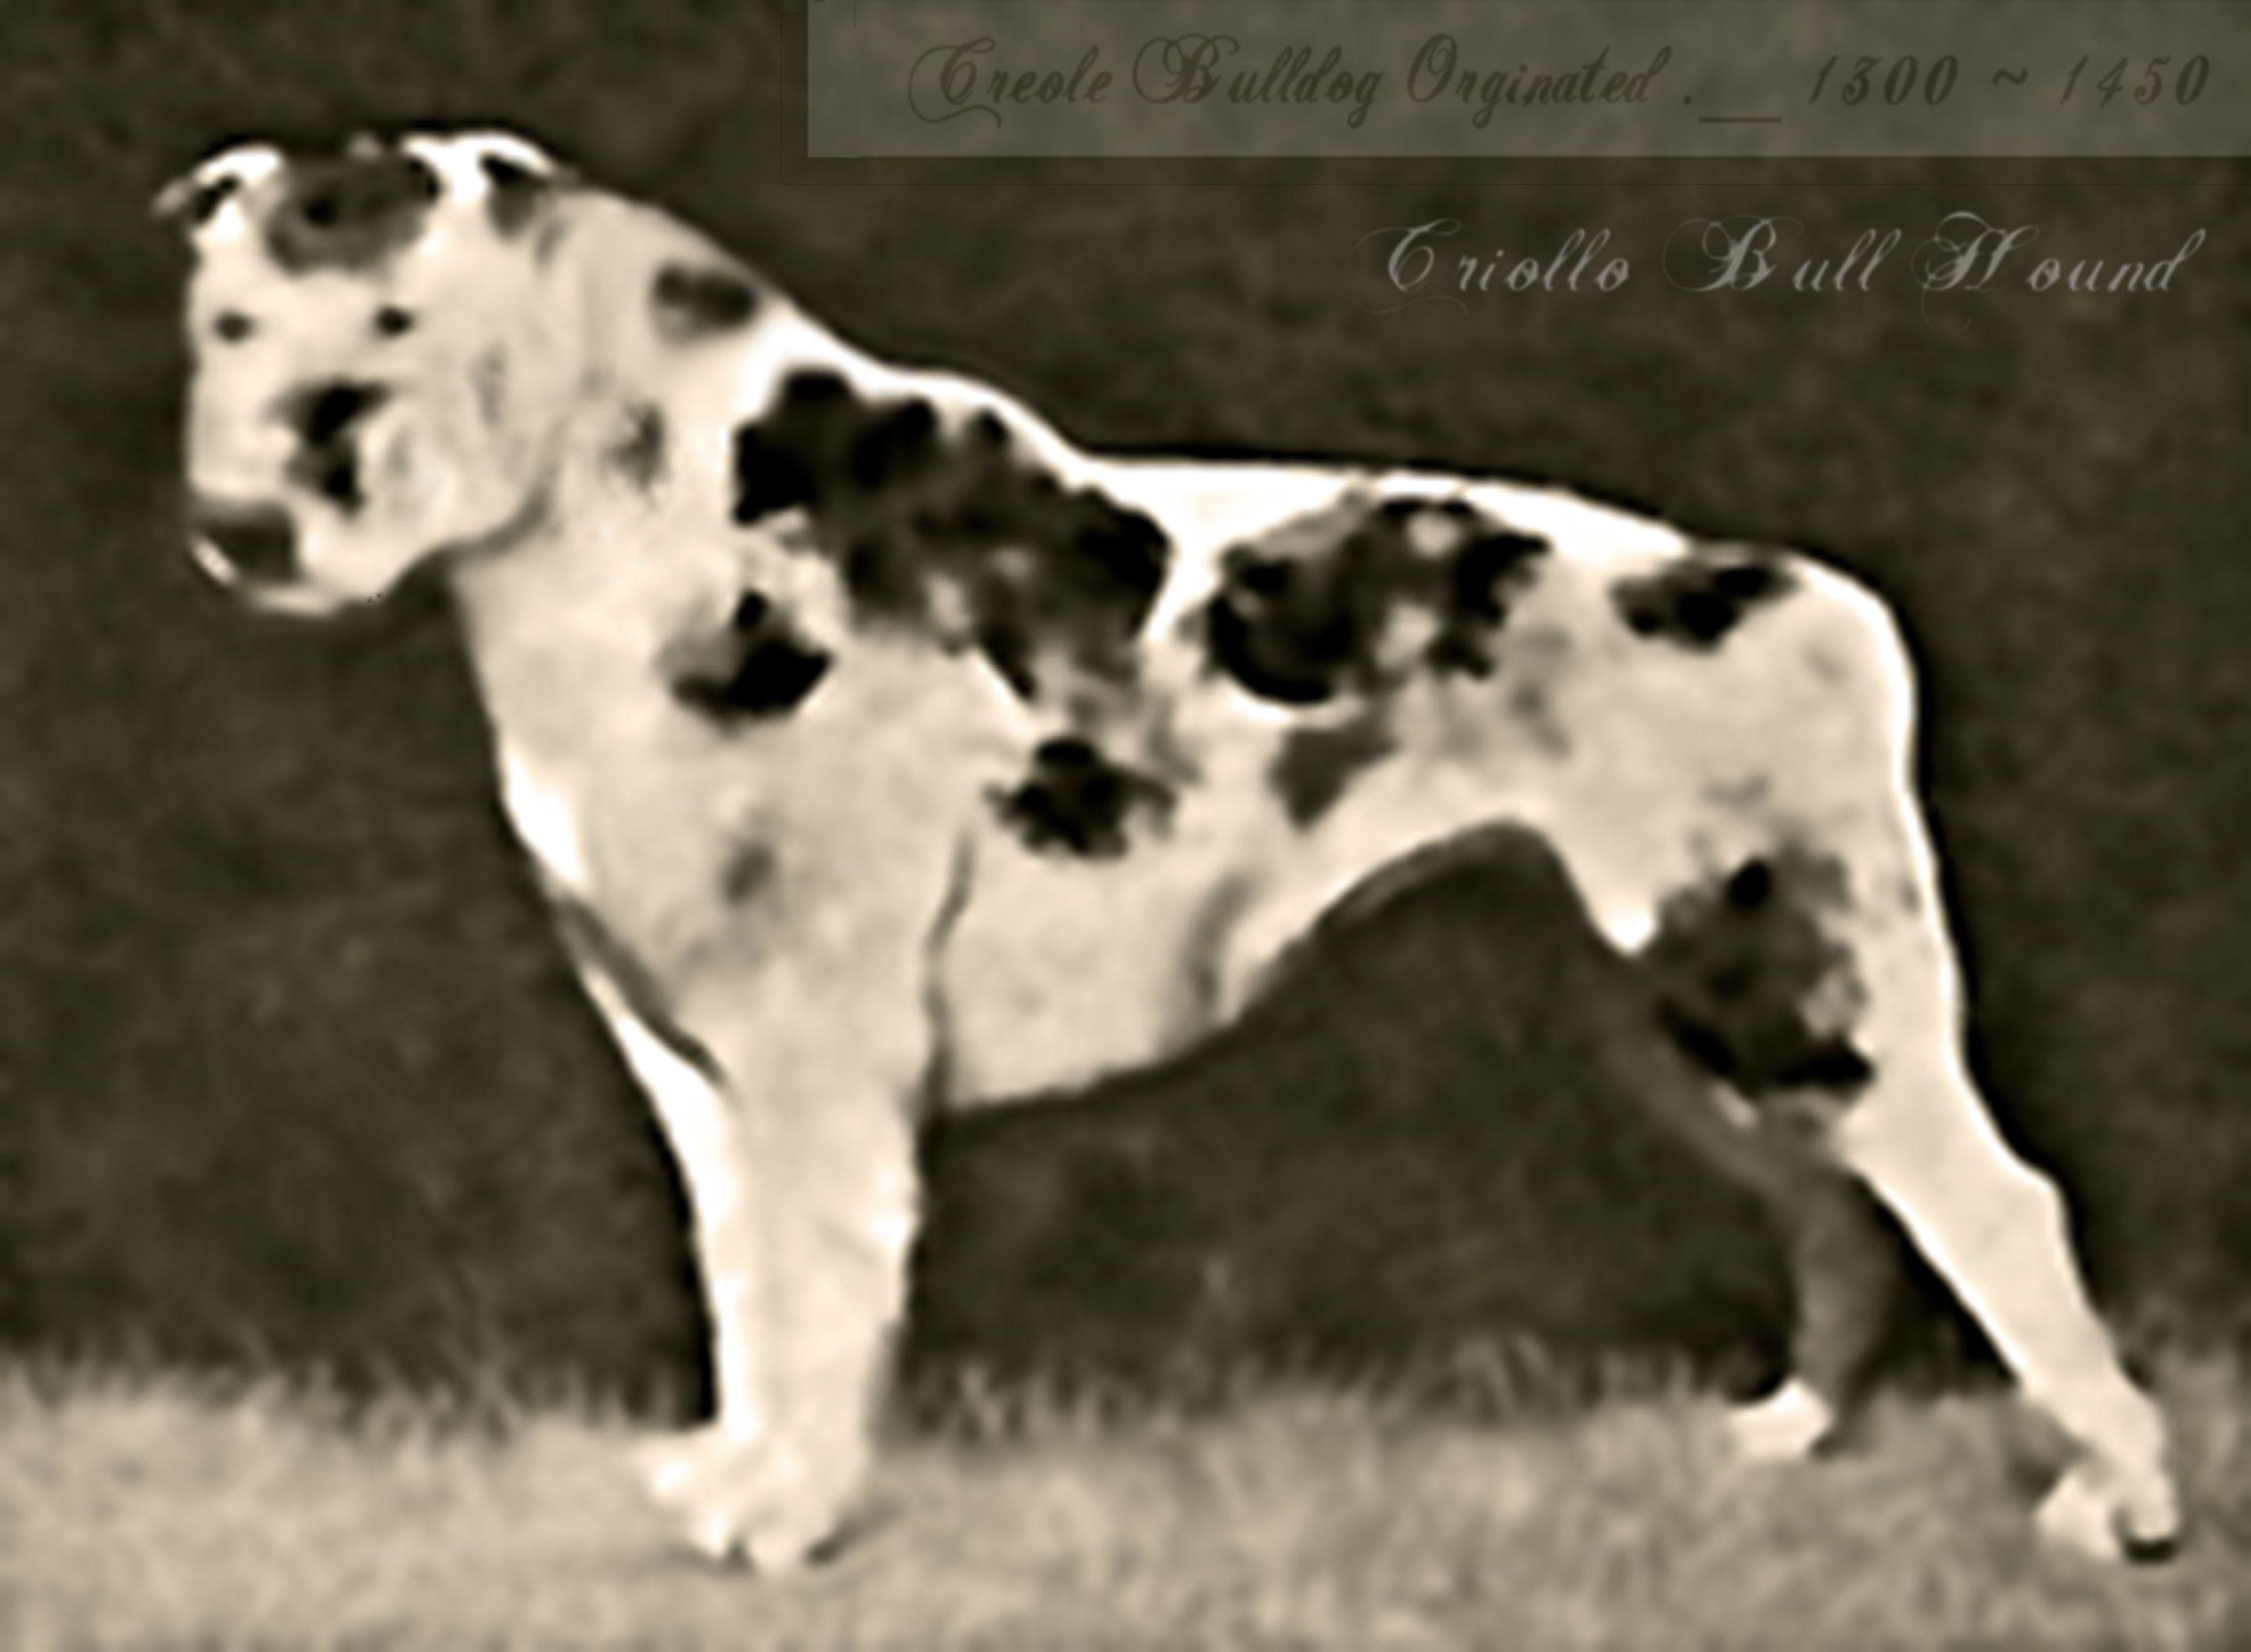 Criollo Hound Creole Bulldog Circa 1300 S Extinct Dog Breed